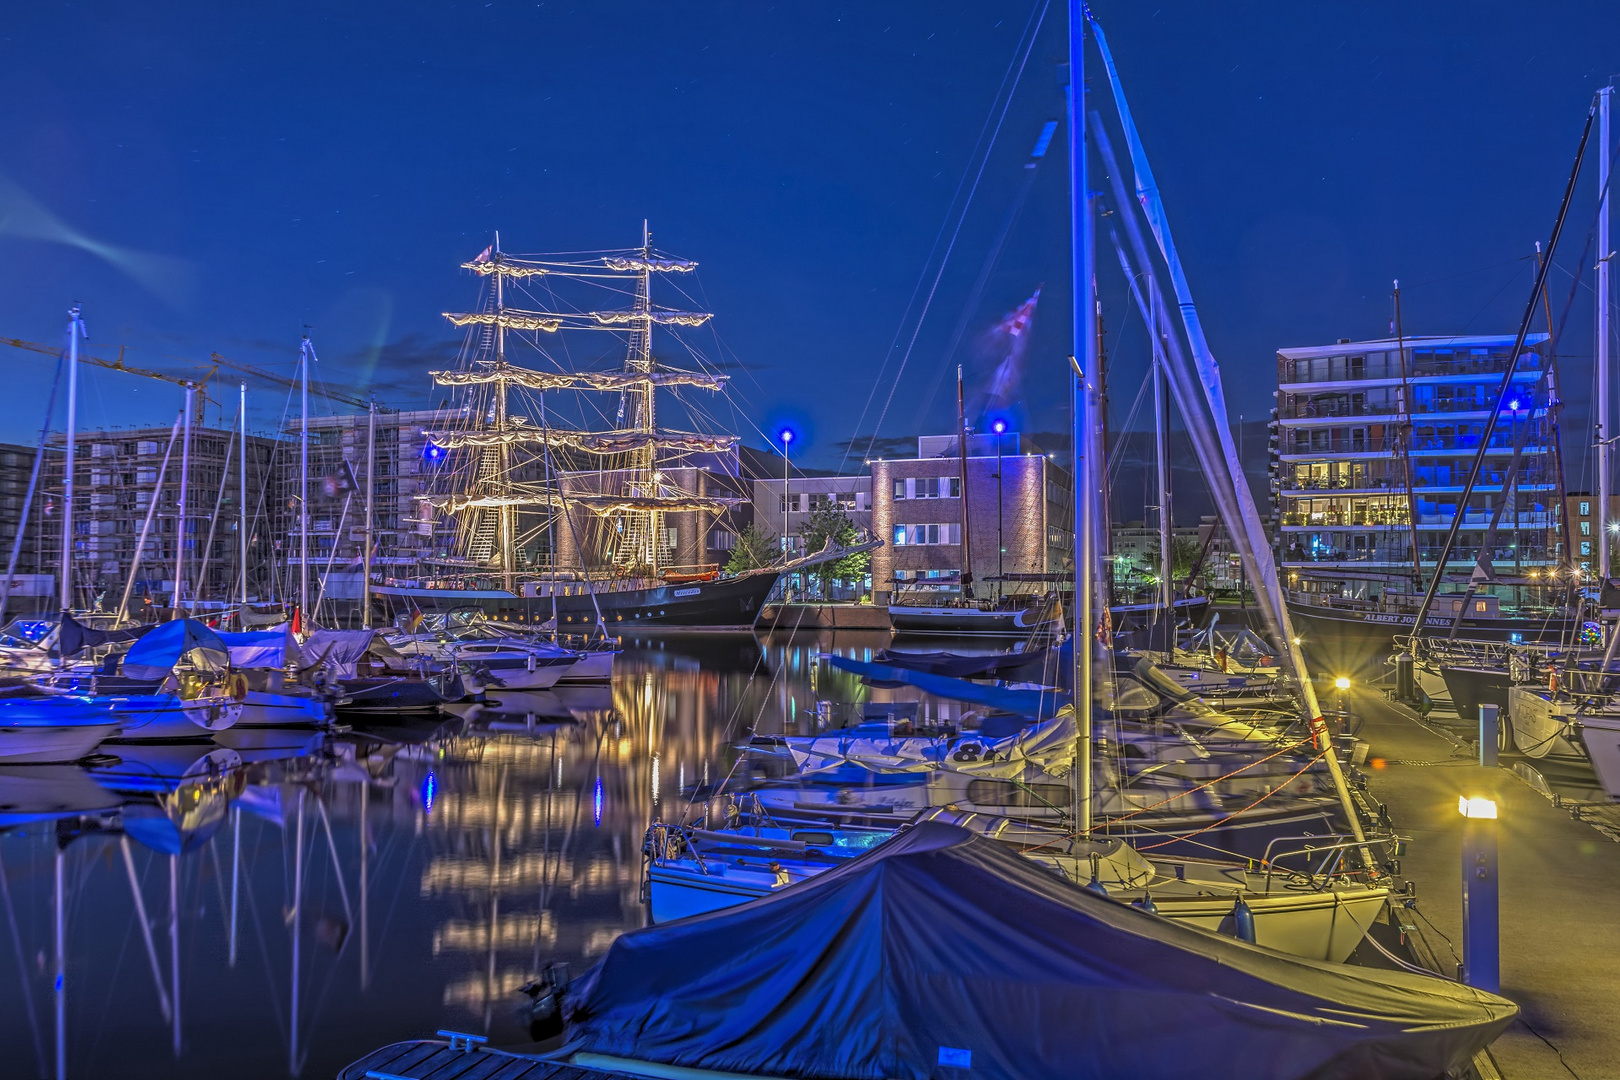 beim Stadtfest in Bremerhaven war der Hafen voller Schiffe